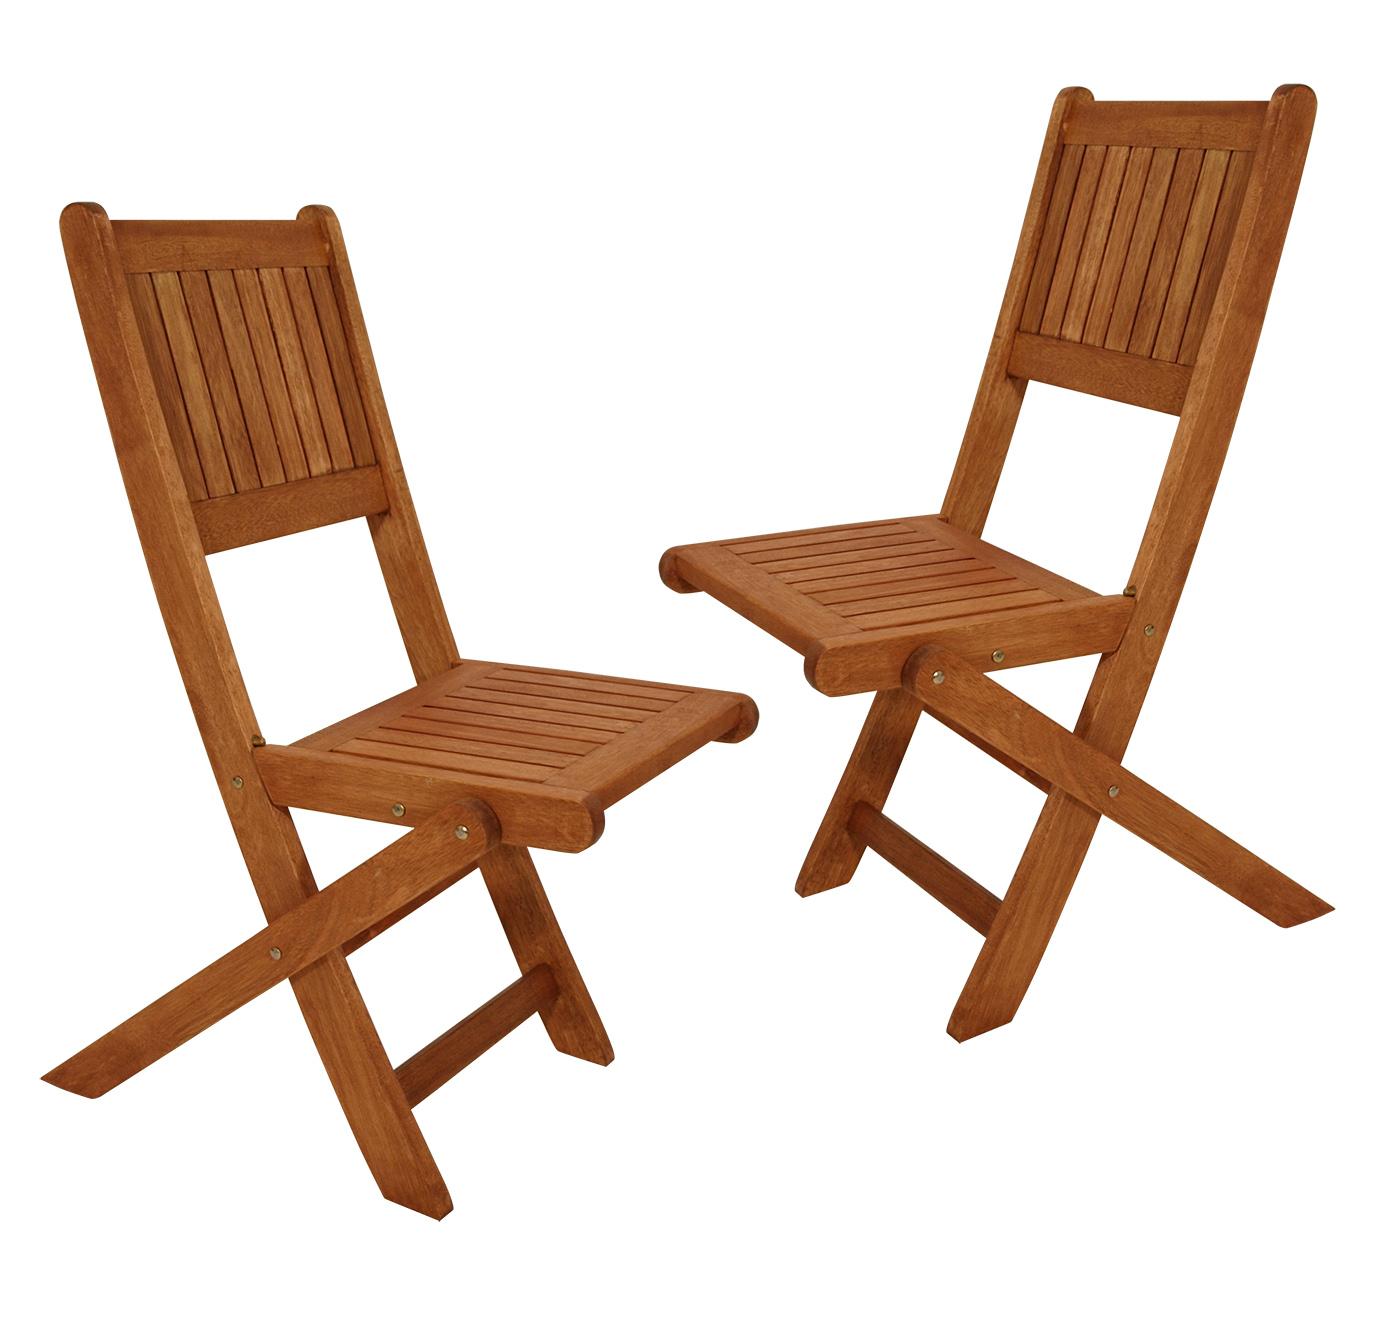 gartenklappstuhl ulla 2er set f r kinder fsc eukalyptusholz gartenstuhl stuhl ebay. Black Bedroom Furniture Sets. Home Design Ideas